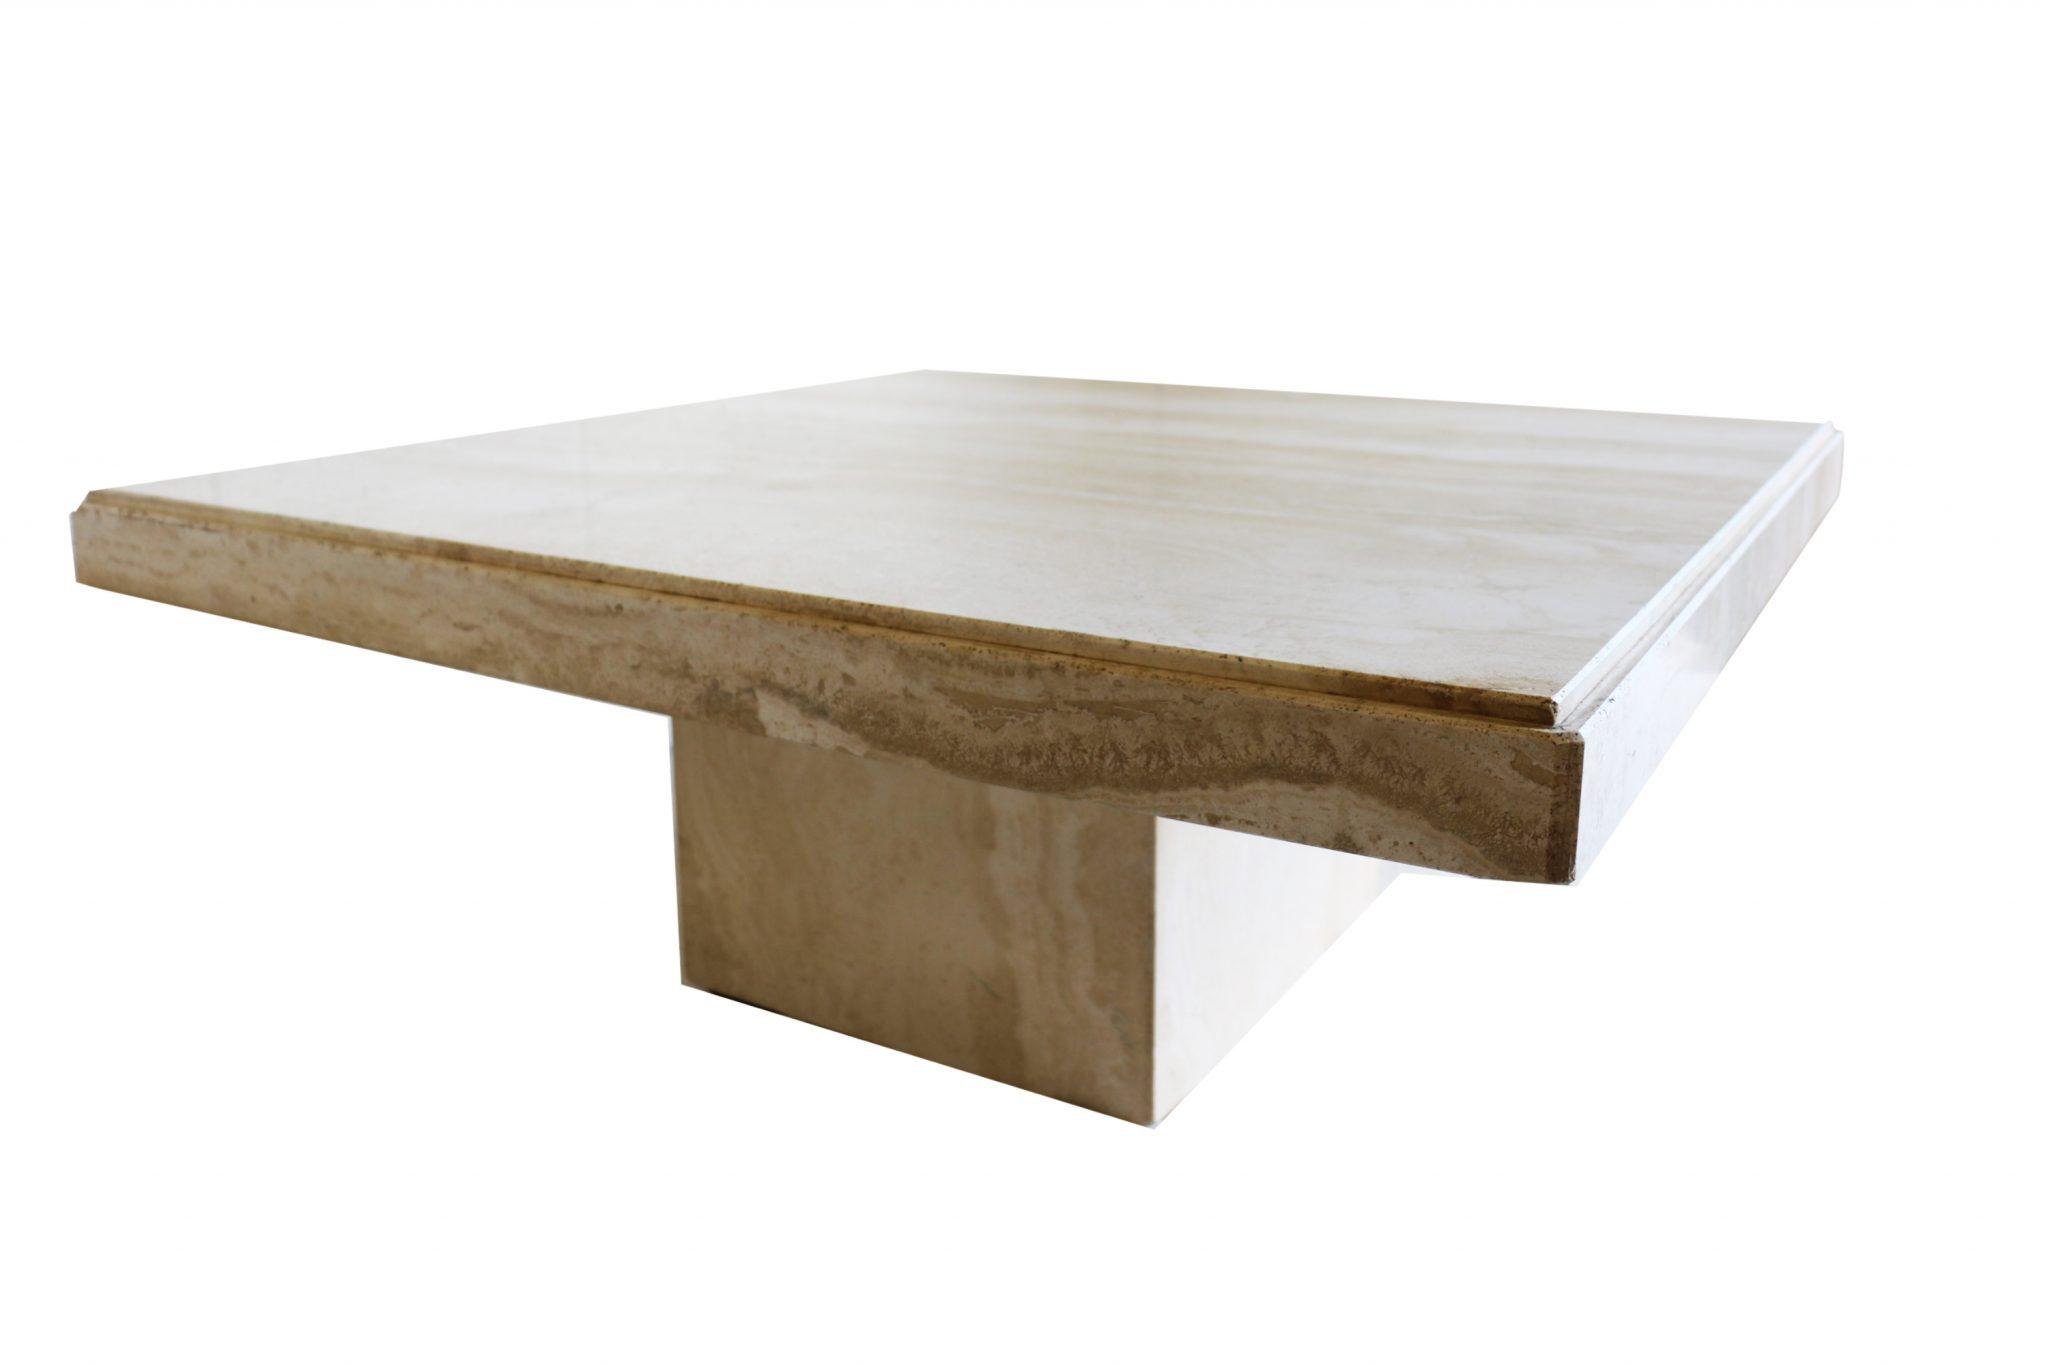 italian marble vintage coffee table. Black Bedroom Furniture Sets. Home Design Ideas